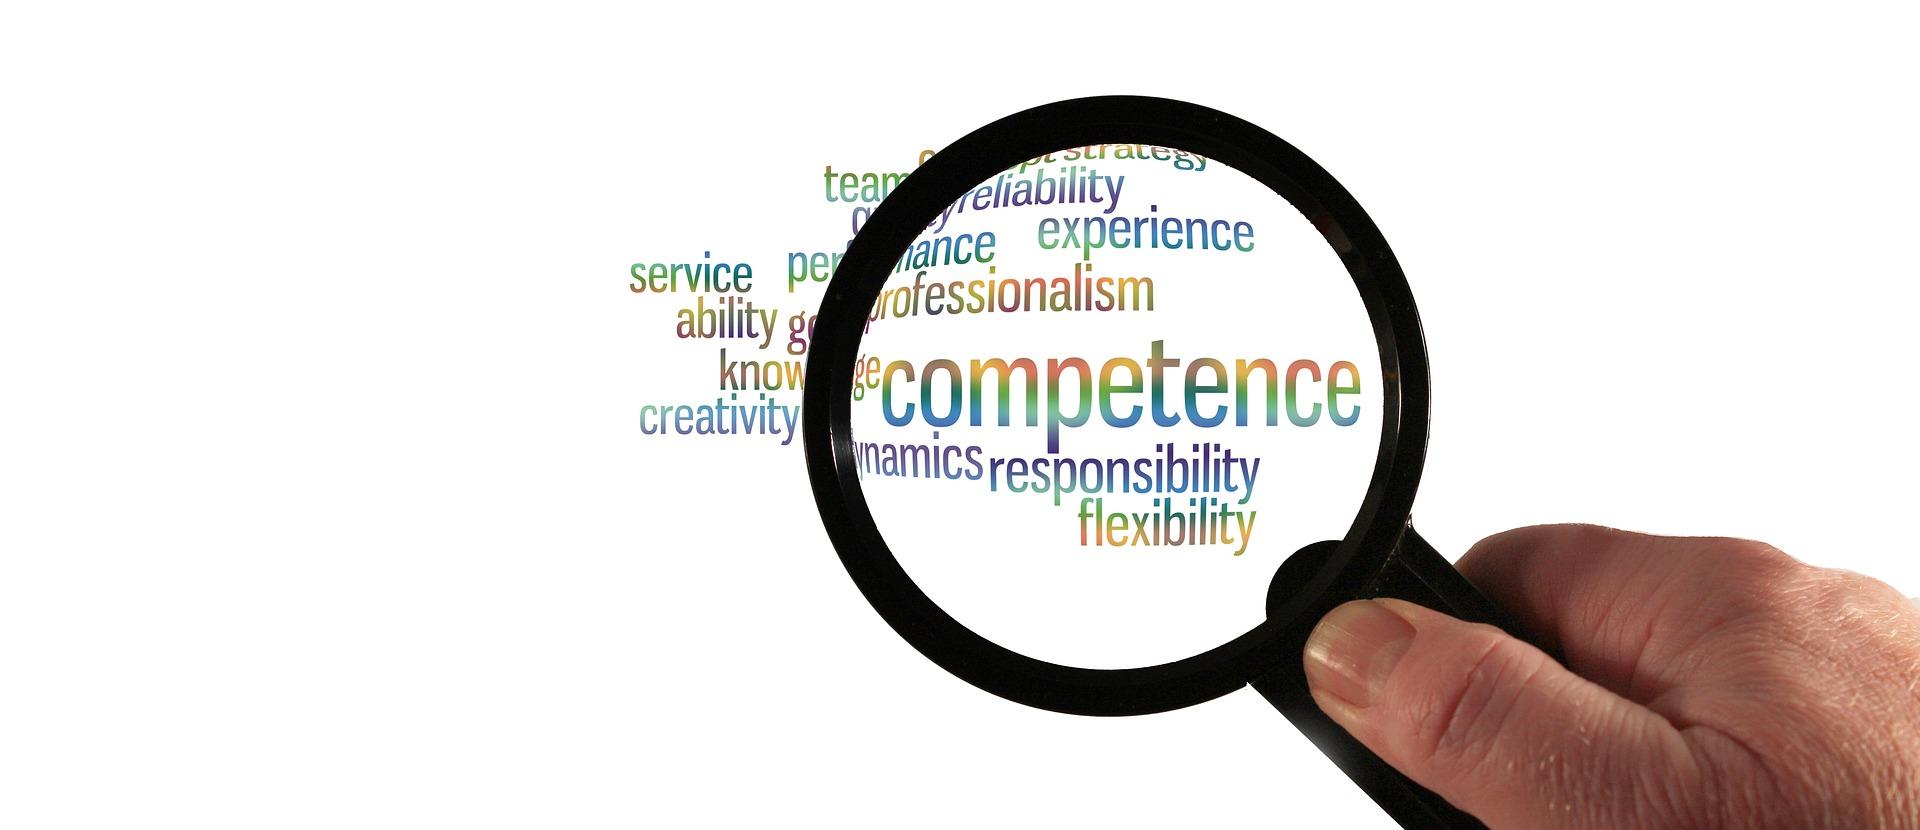 improve-professionalism